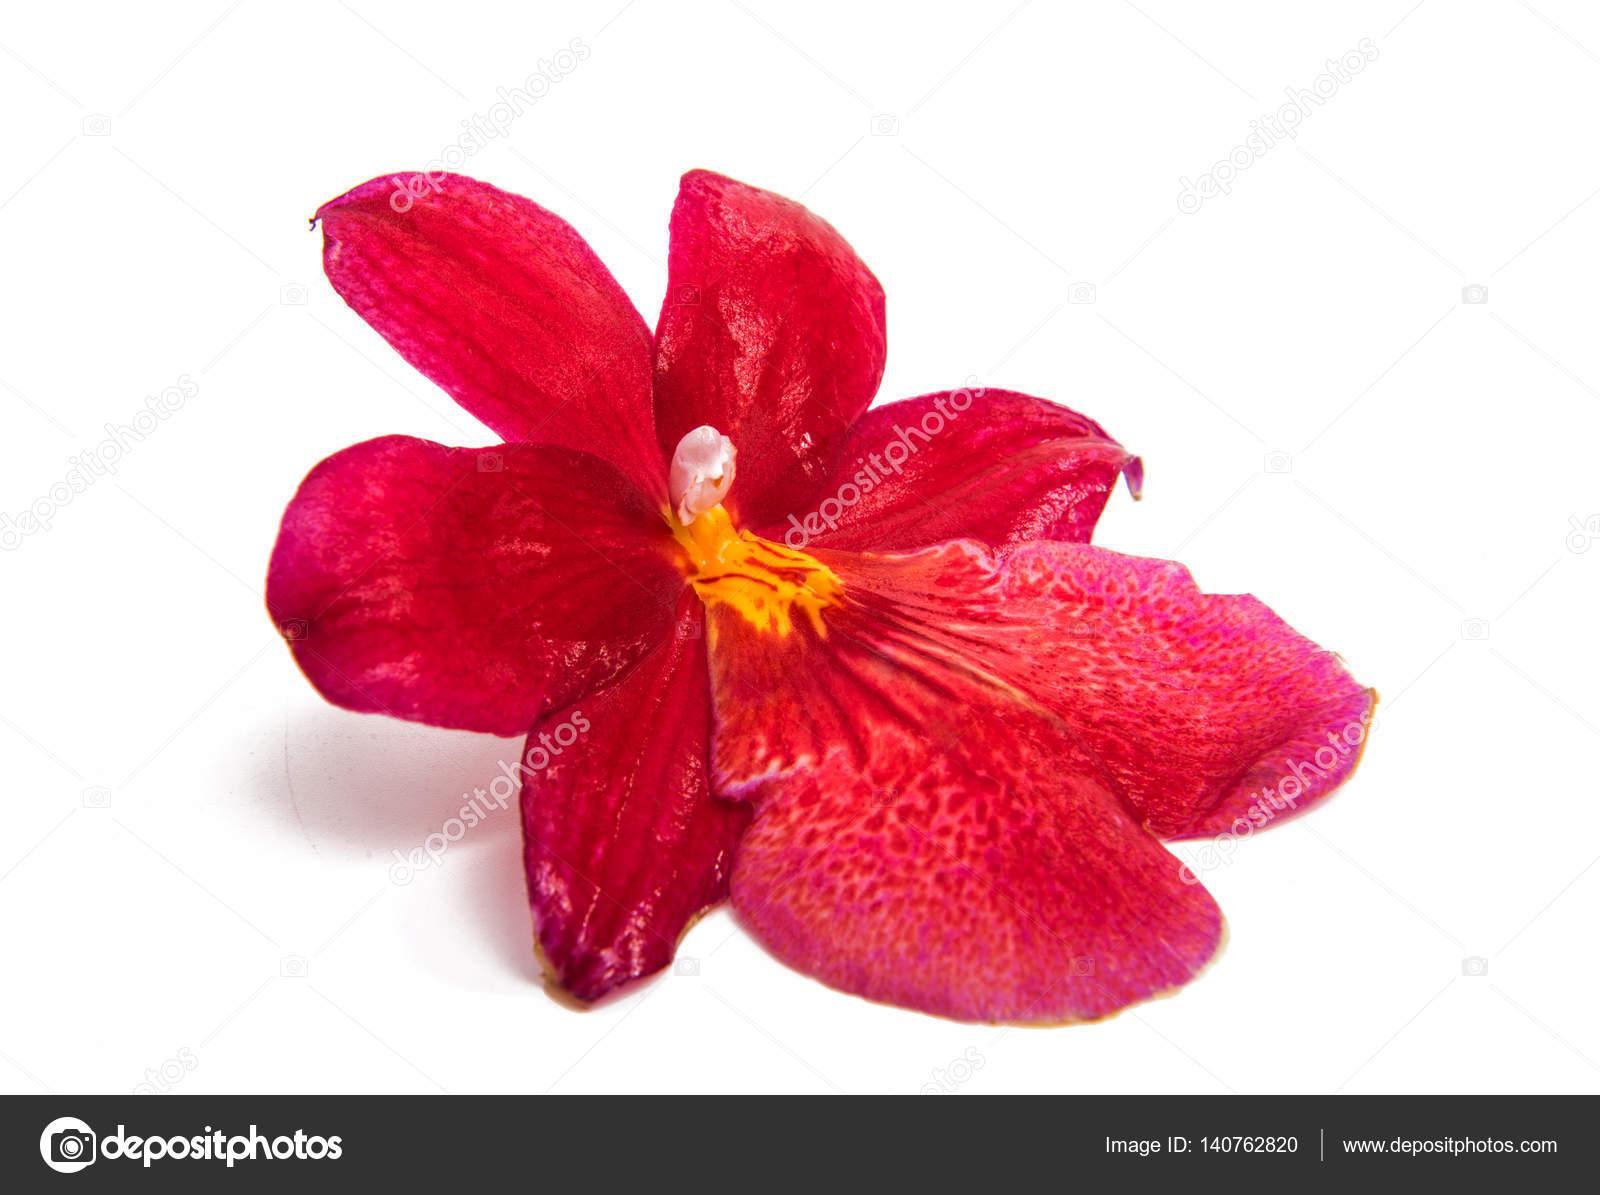 Цветы которые выгоняют мужчин из дома фото